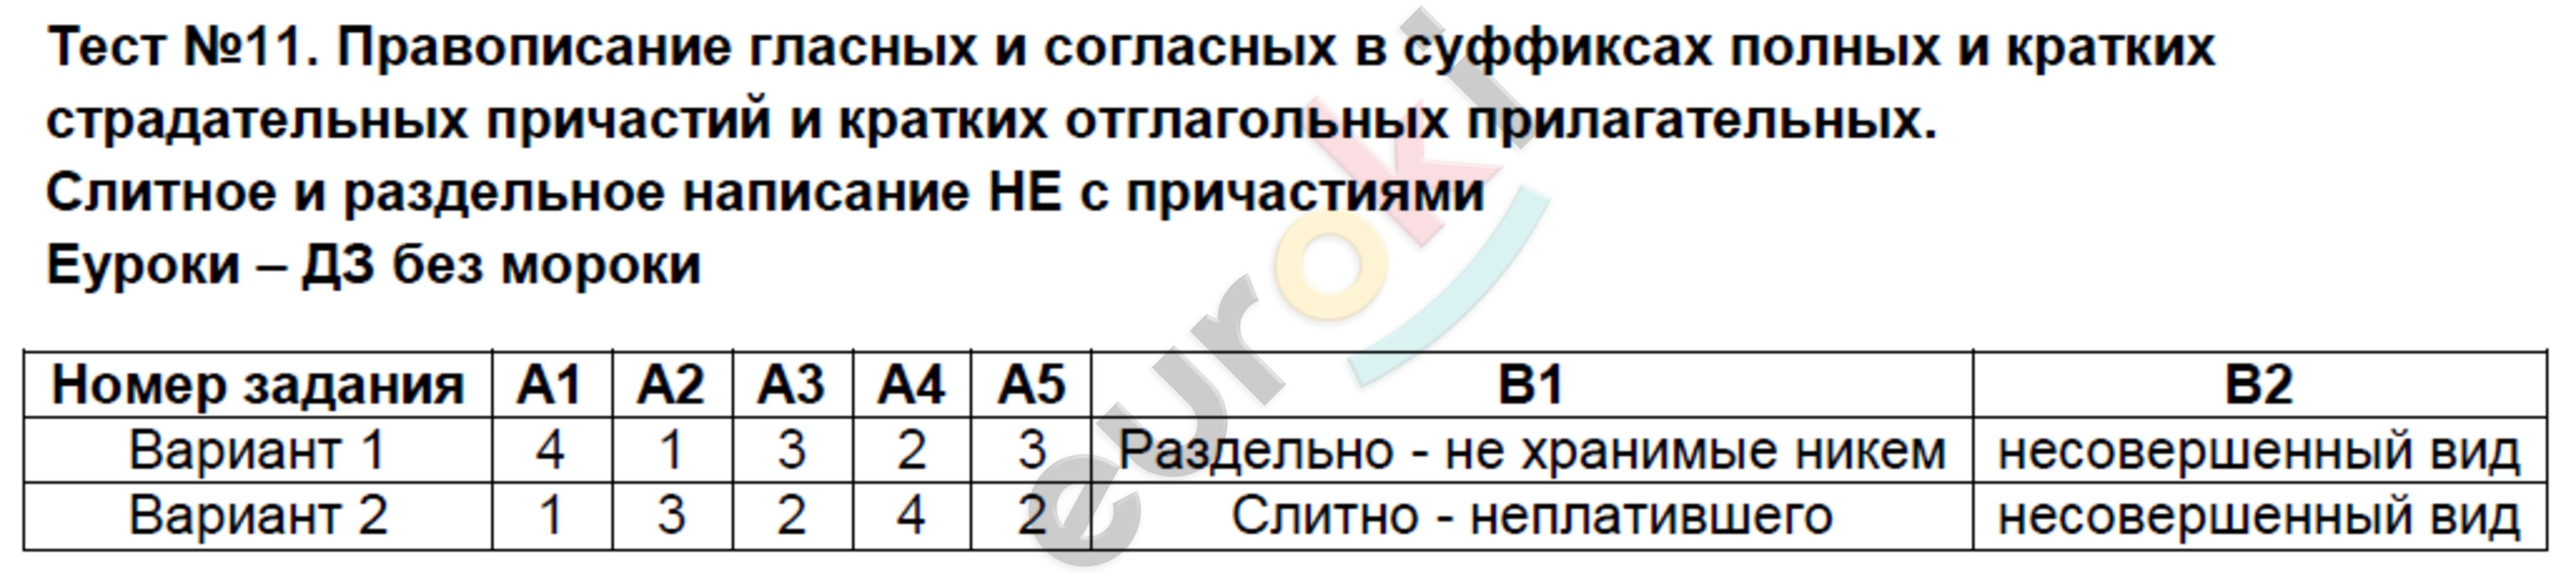 ГДЗ по русскому языку 7 класс контрольно-измерительные материалы Потапова. Задание: Тест 11. Слитное и раздельное написание НЕ с причастиями